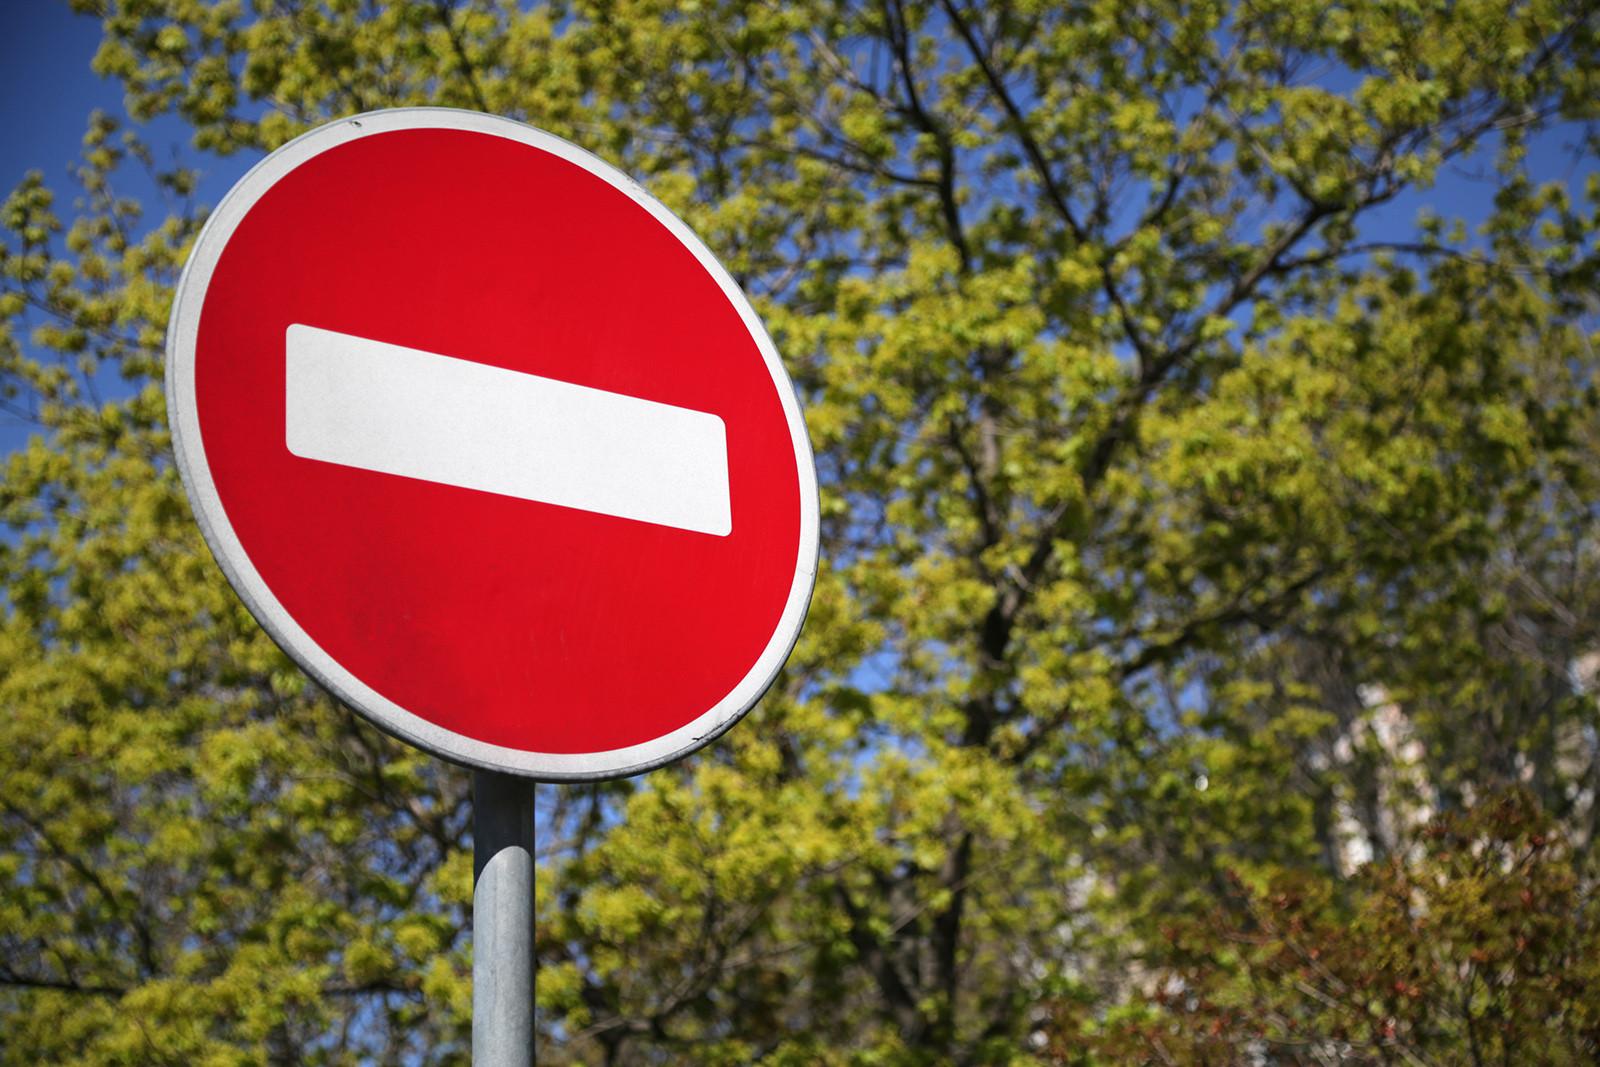 23 июня в Херсоне временно перекроют движение транспорта